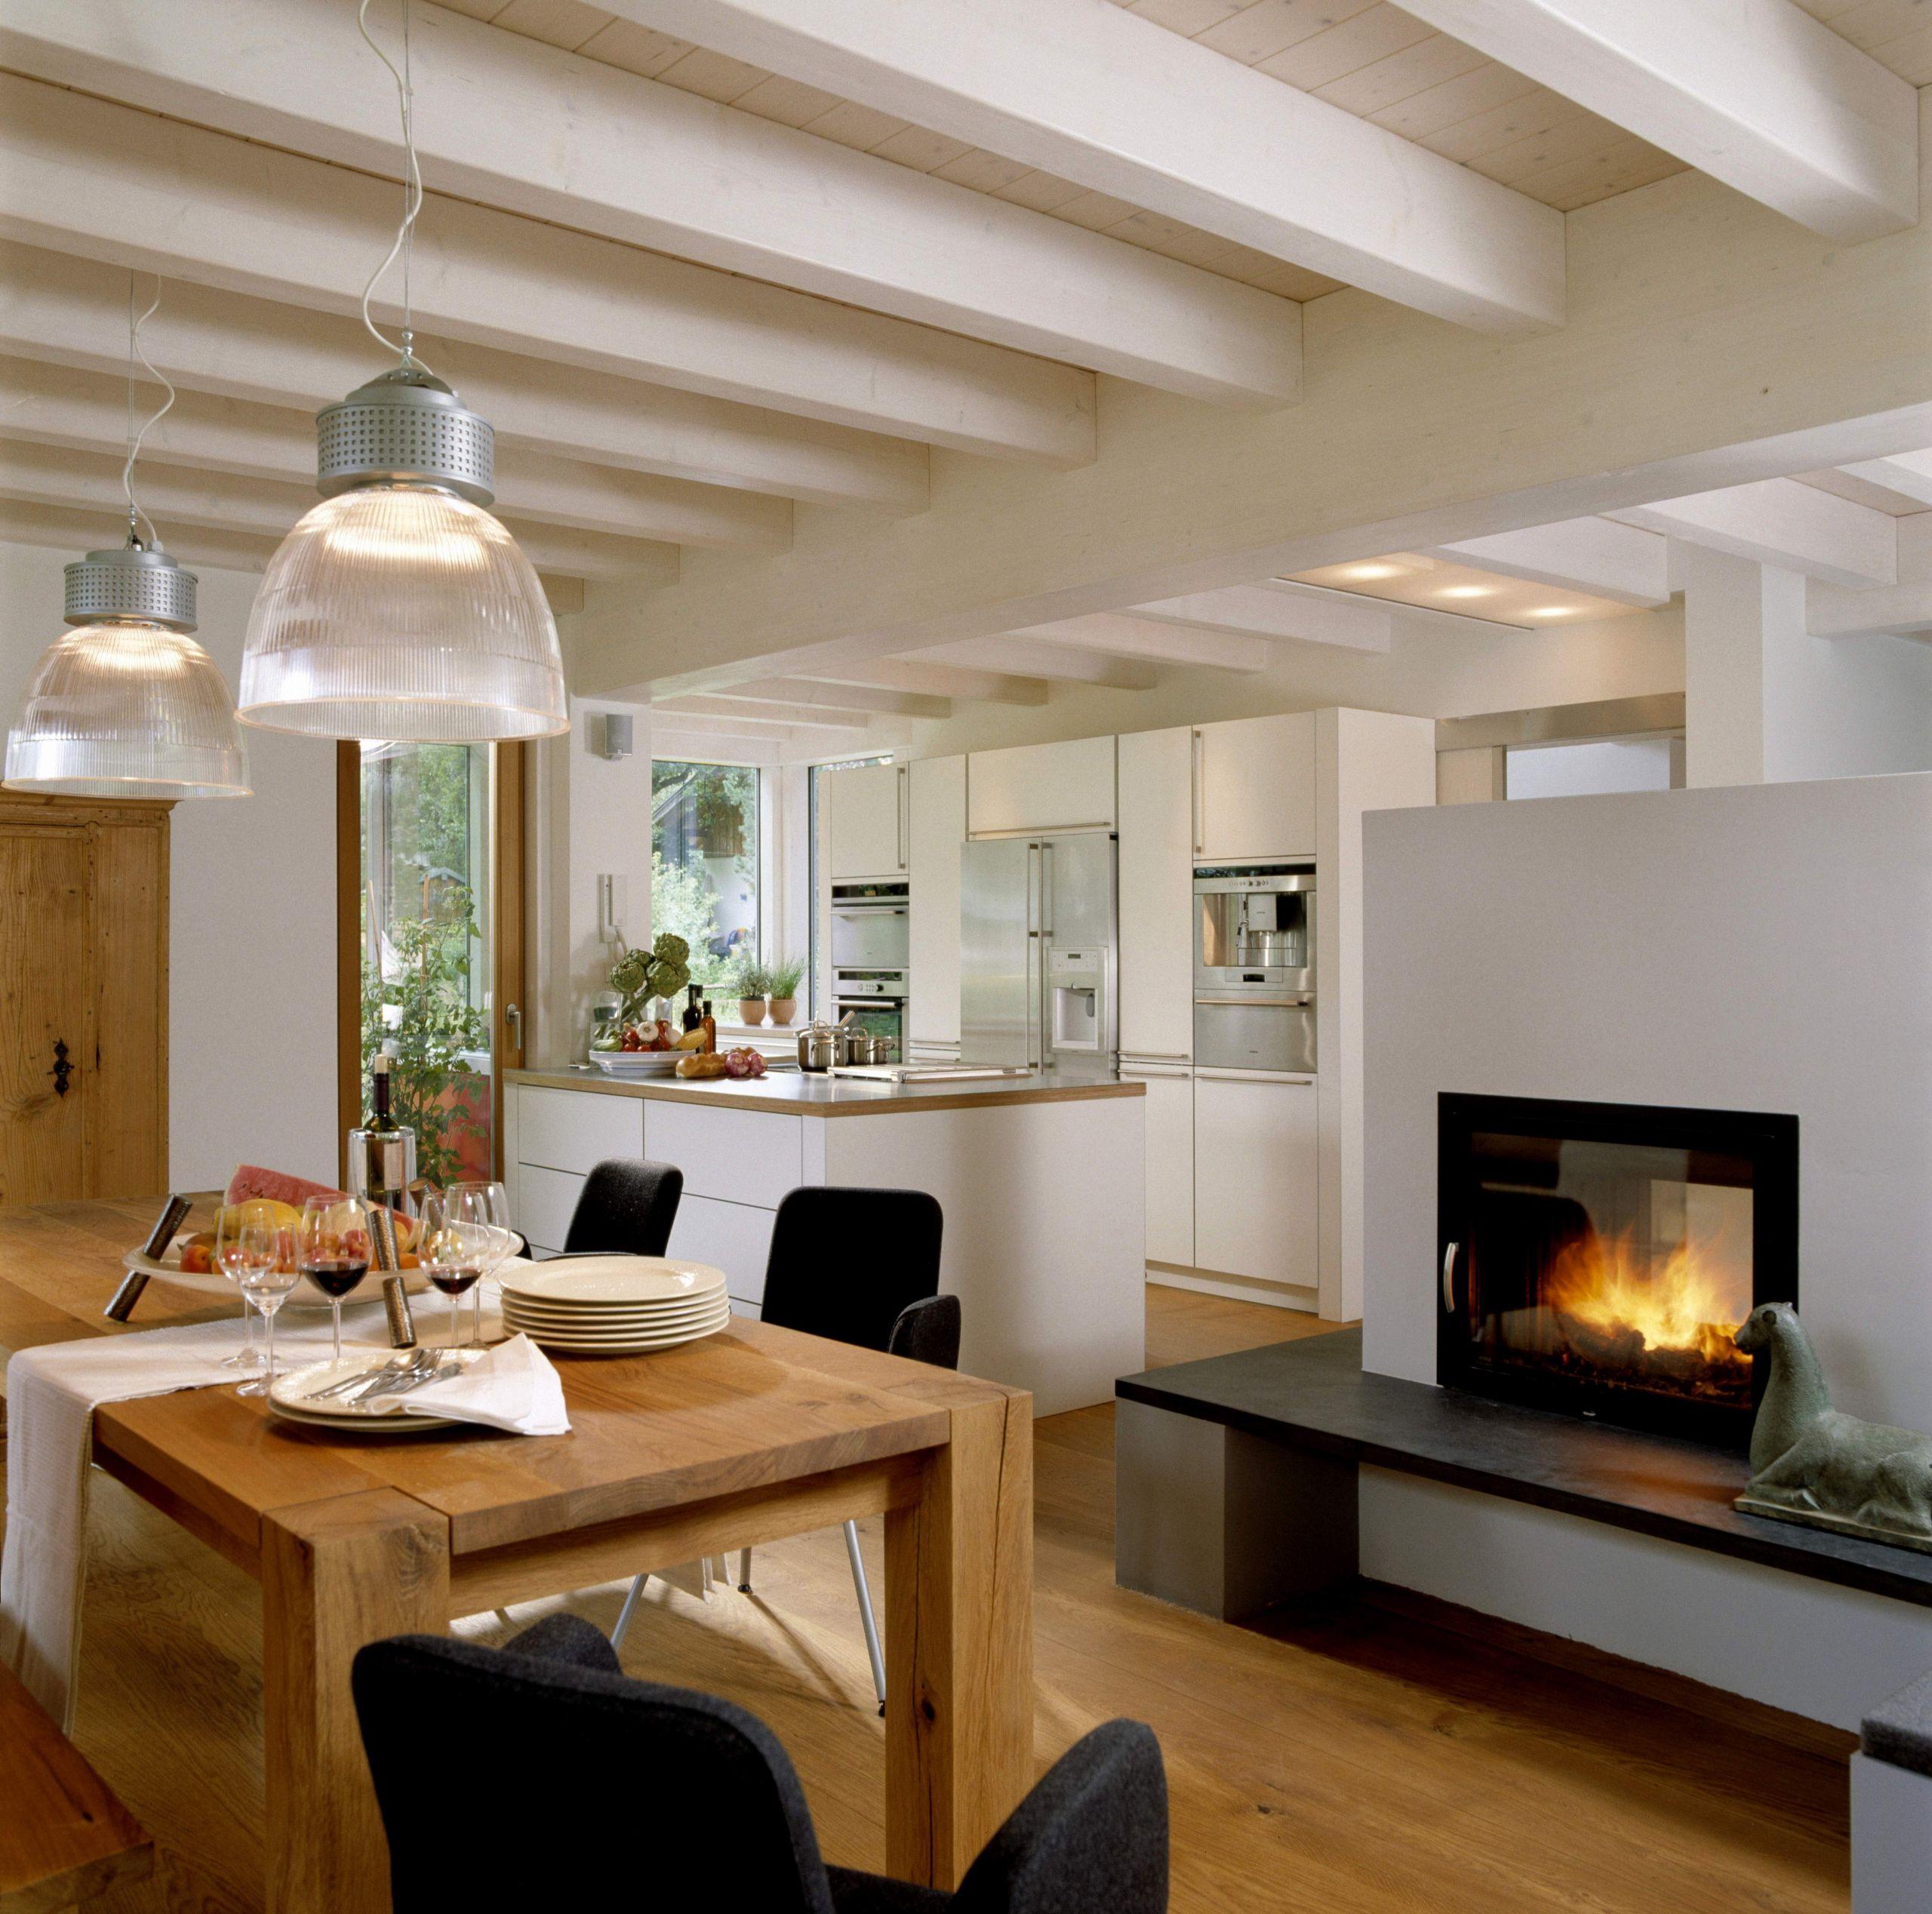 blumenbank fur wohnzimmer neu 74 das beste von bilder von fene kuche schiebetur of blumenbank fur wohnzimmer